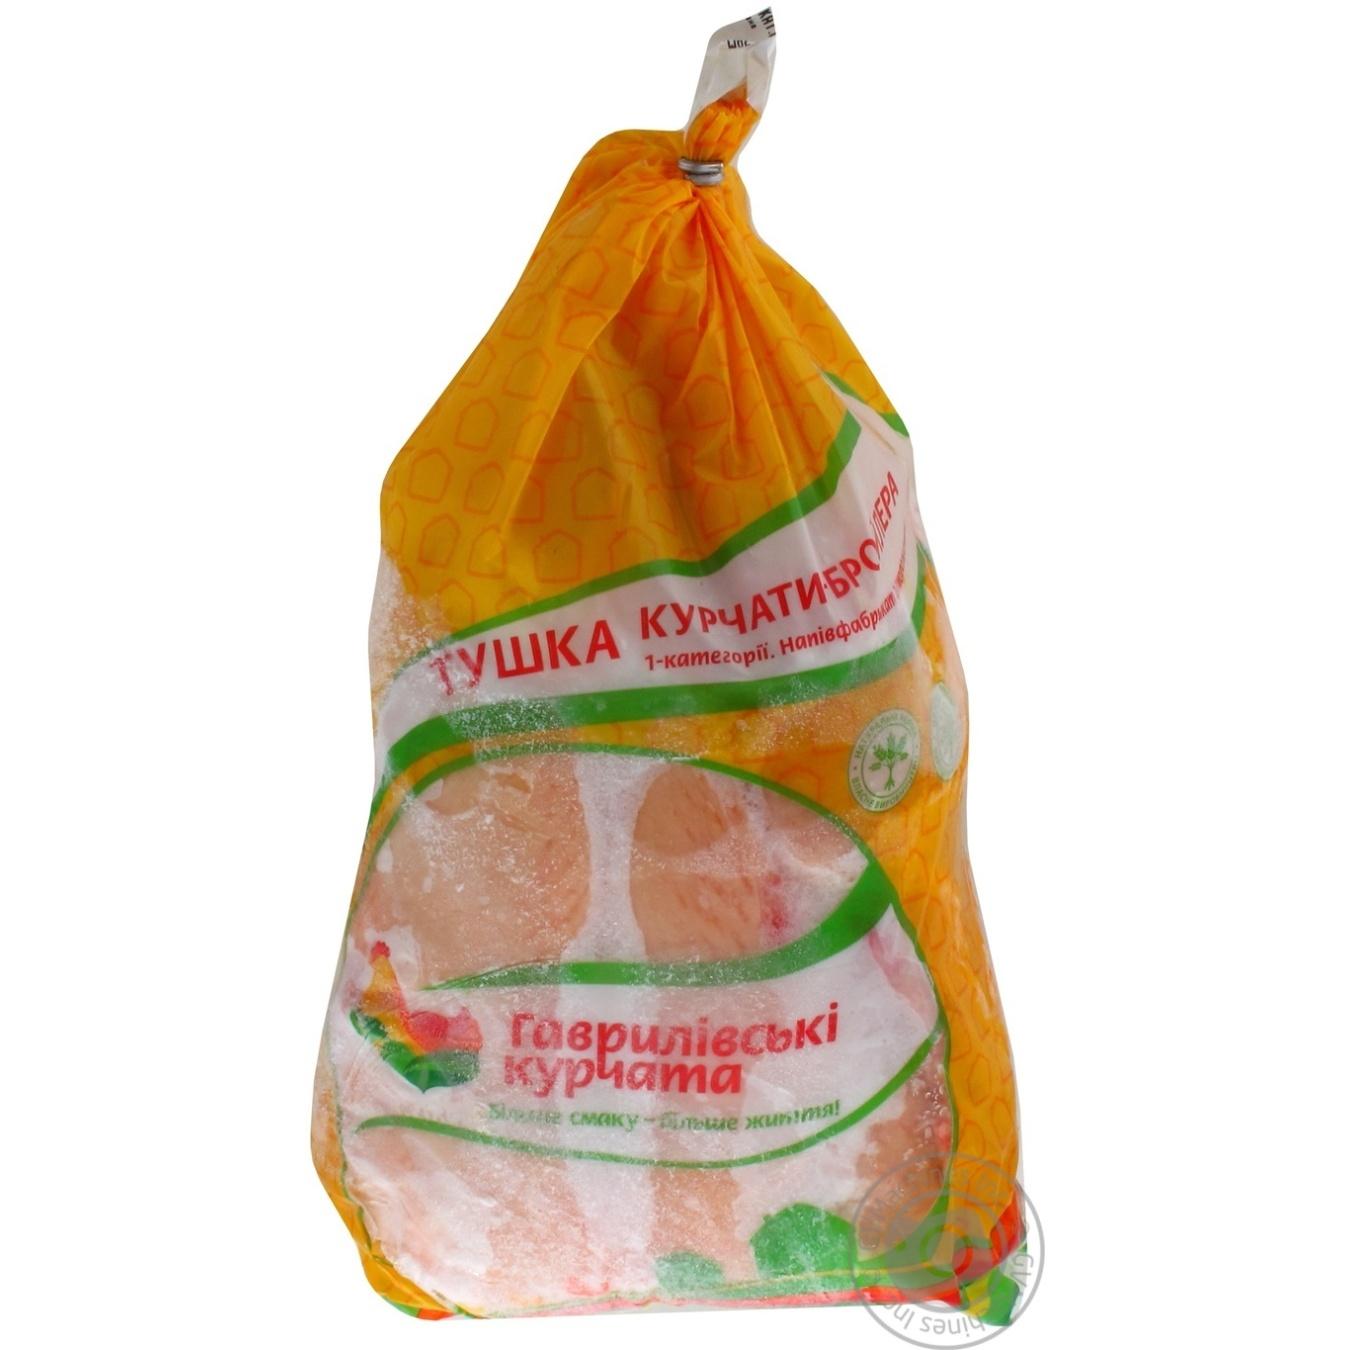 Купить М'ясо та птиця, Тушка курчати-бройлера Гаврилівські курчата заморожена